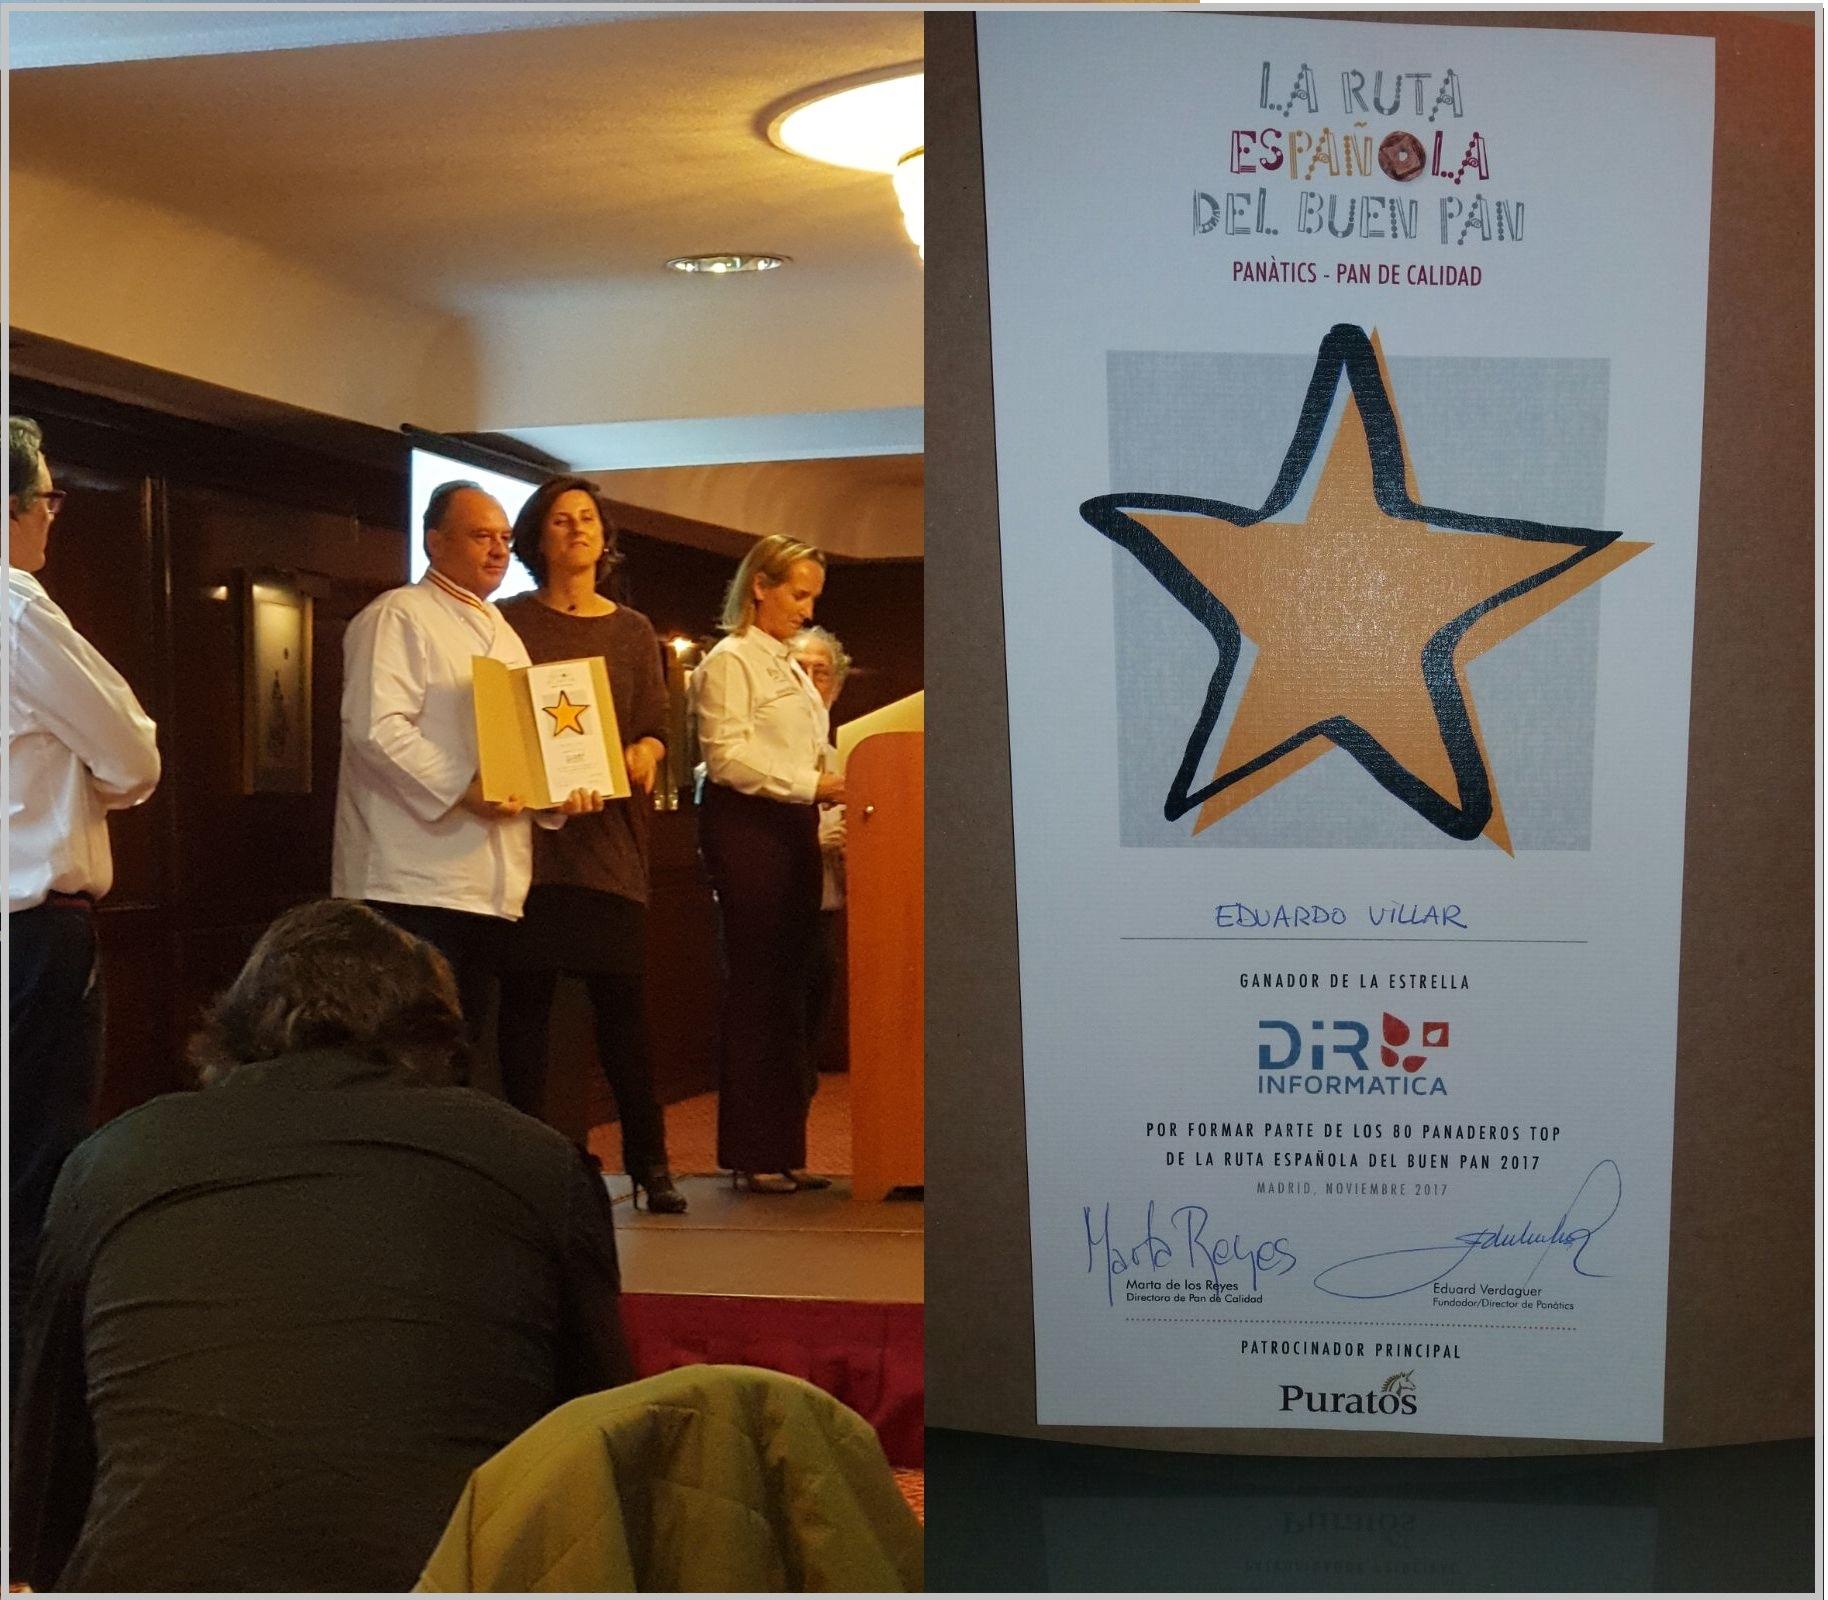 Eduardo Villar, panadero de Horno Arguiñano, ha sido galardonado con la Estrella Dir-Informática como uno de los 80 panaderos TOP